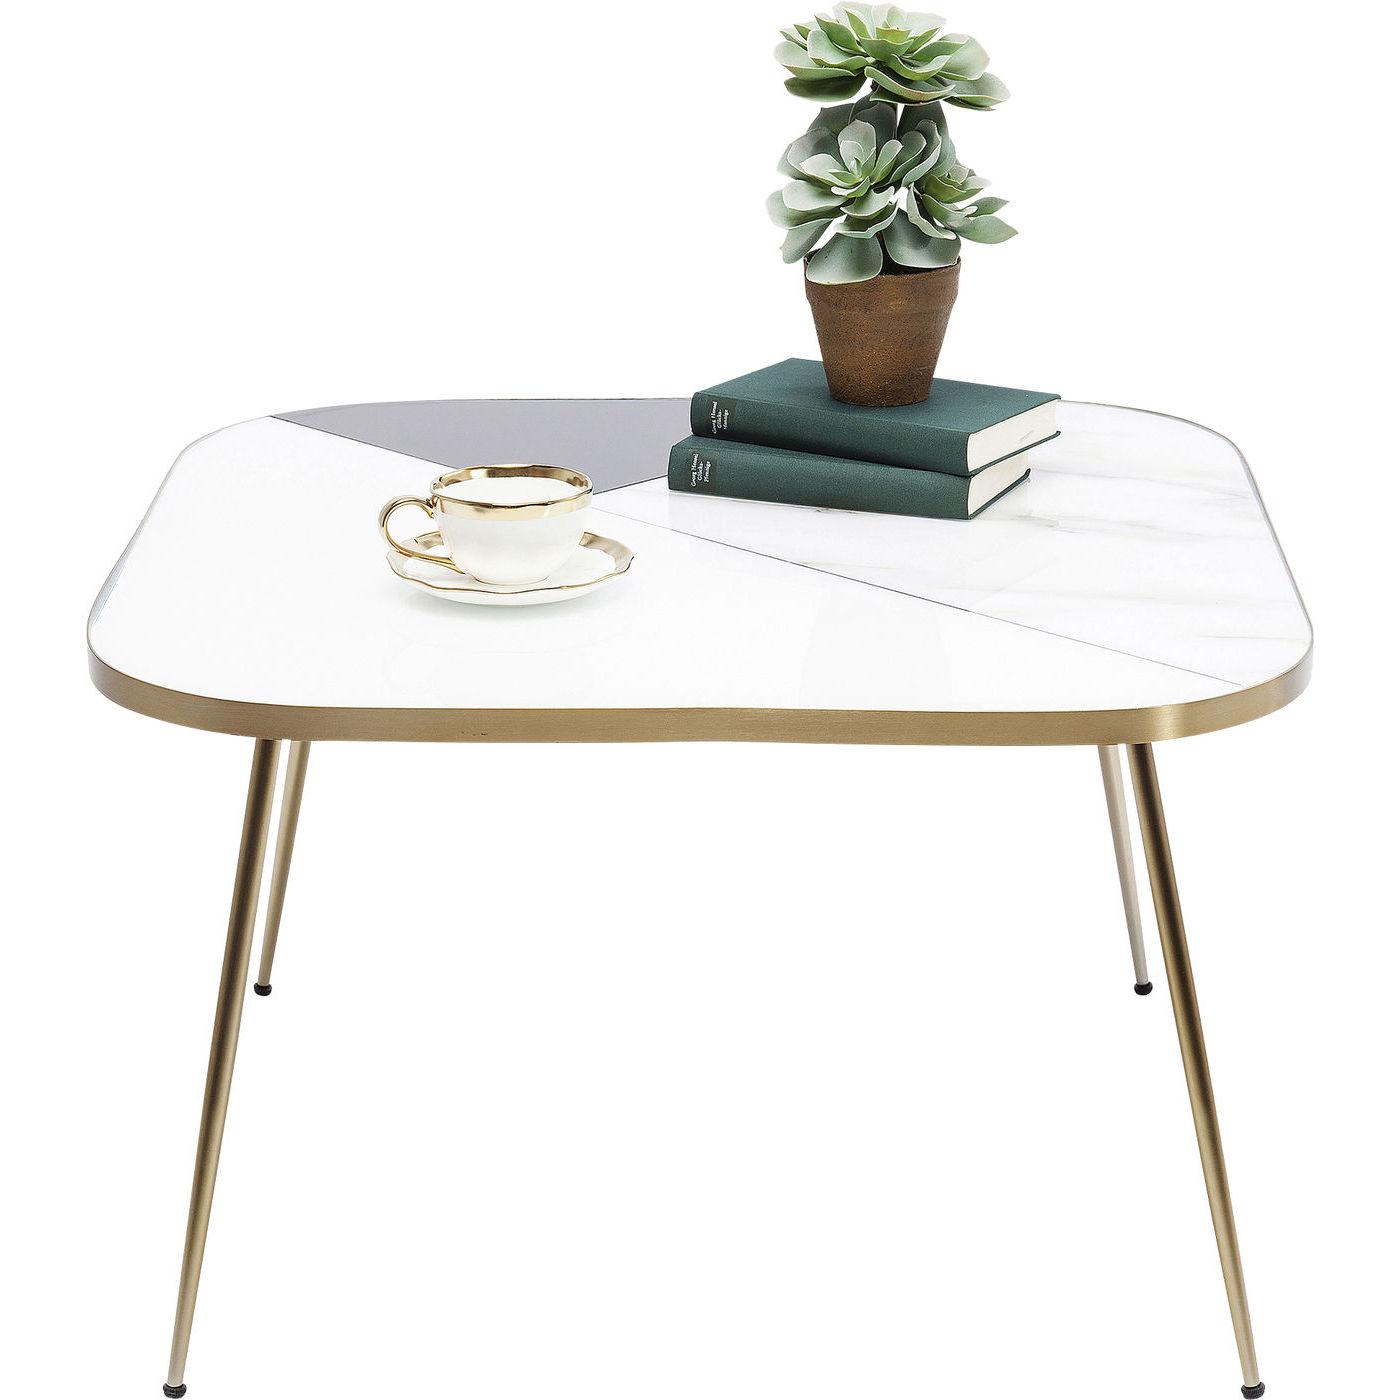 kare design – Kare design hipster sofabord - hvidt træ/sort glas og messing stål, kvadratisk (70x70) på boboonline.dk